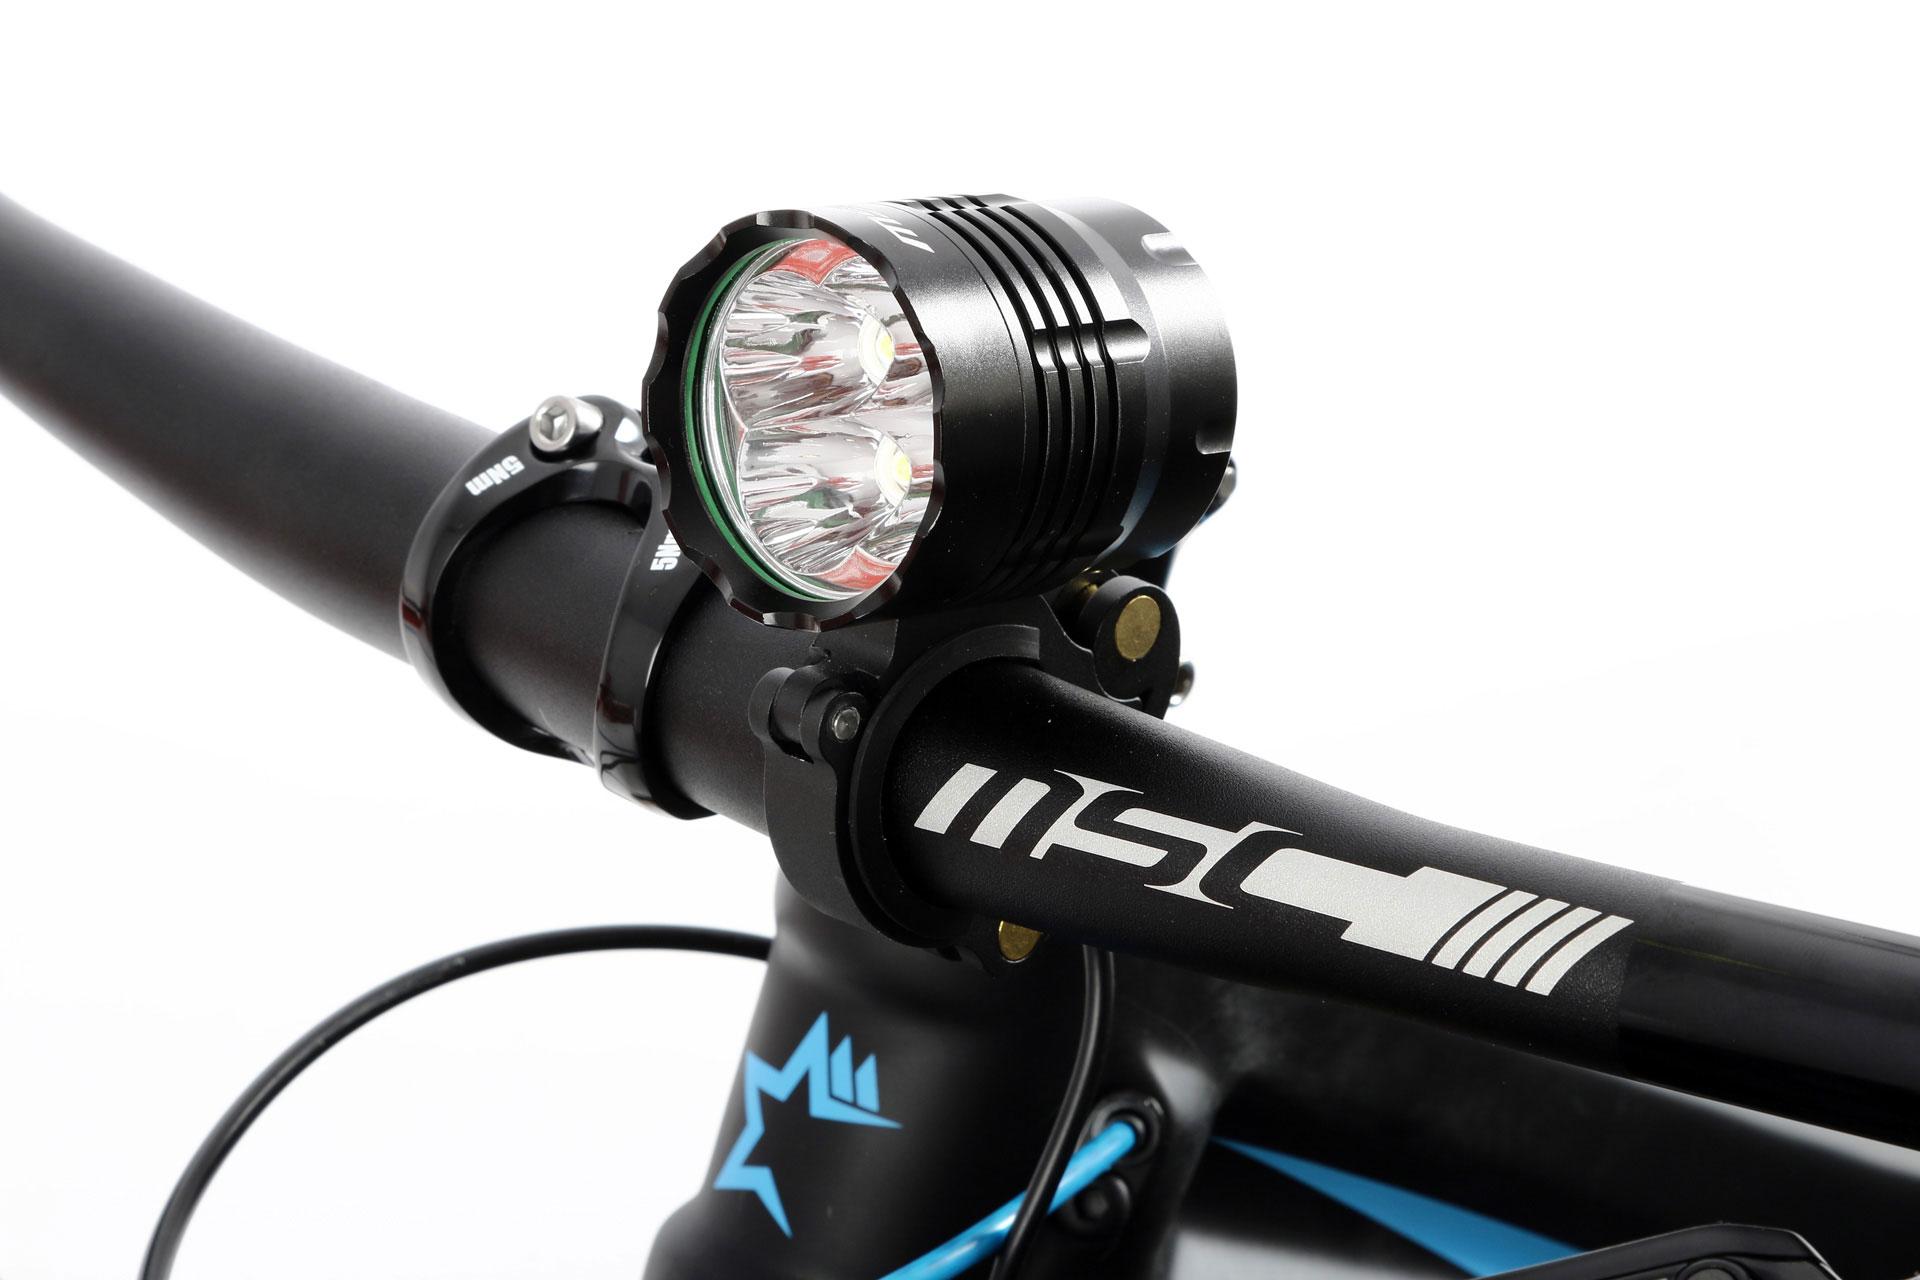 MSC Lampe avant 2000 Lumens Noir sur batterie